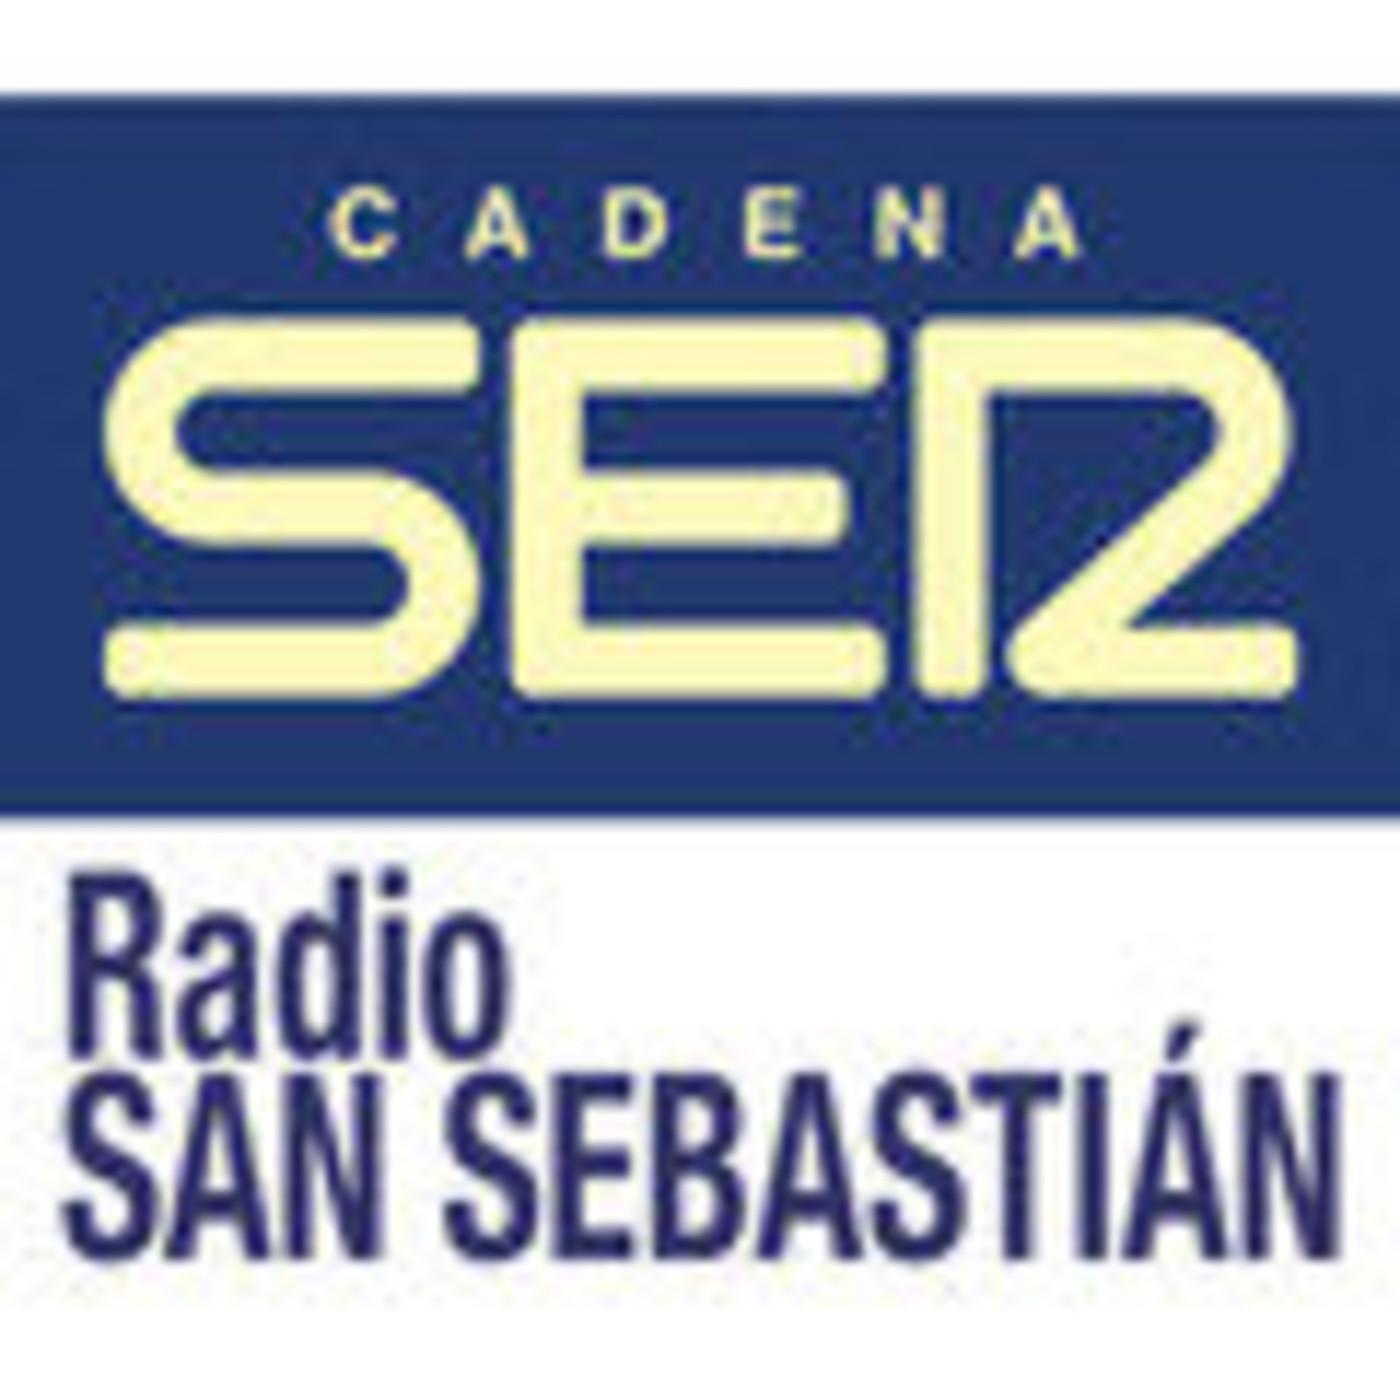 Radio San Sebastián